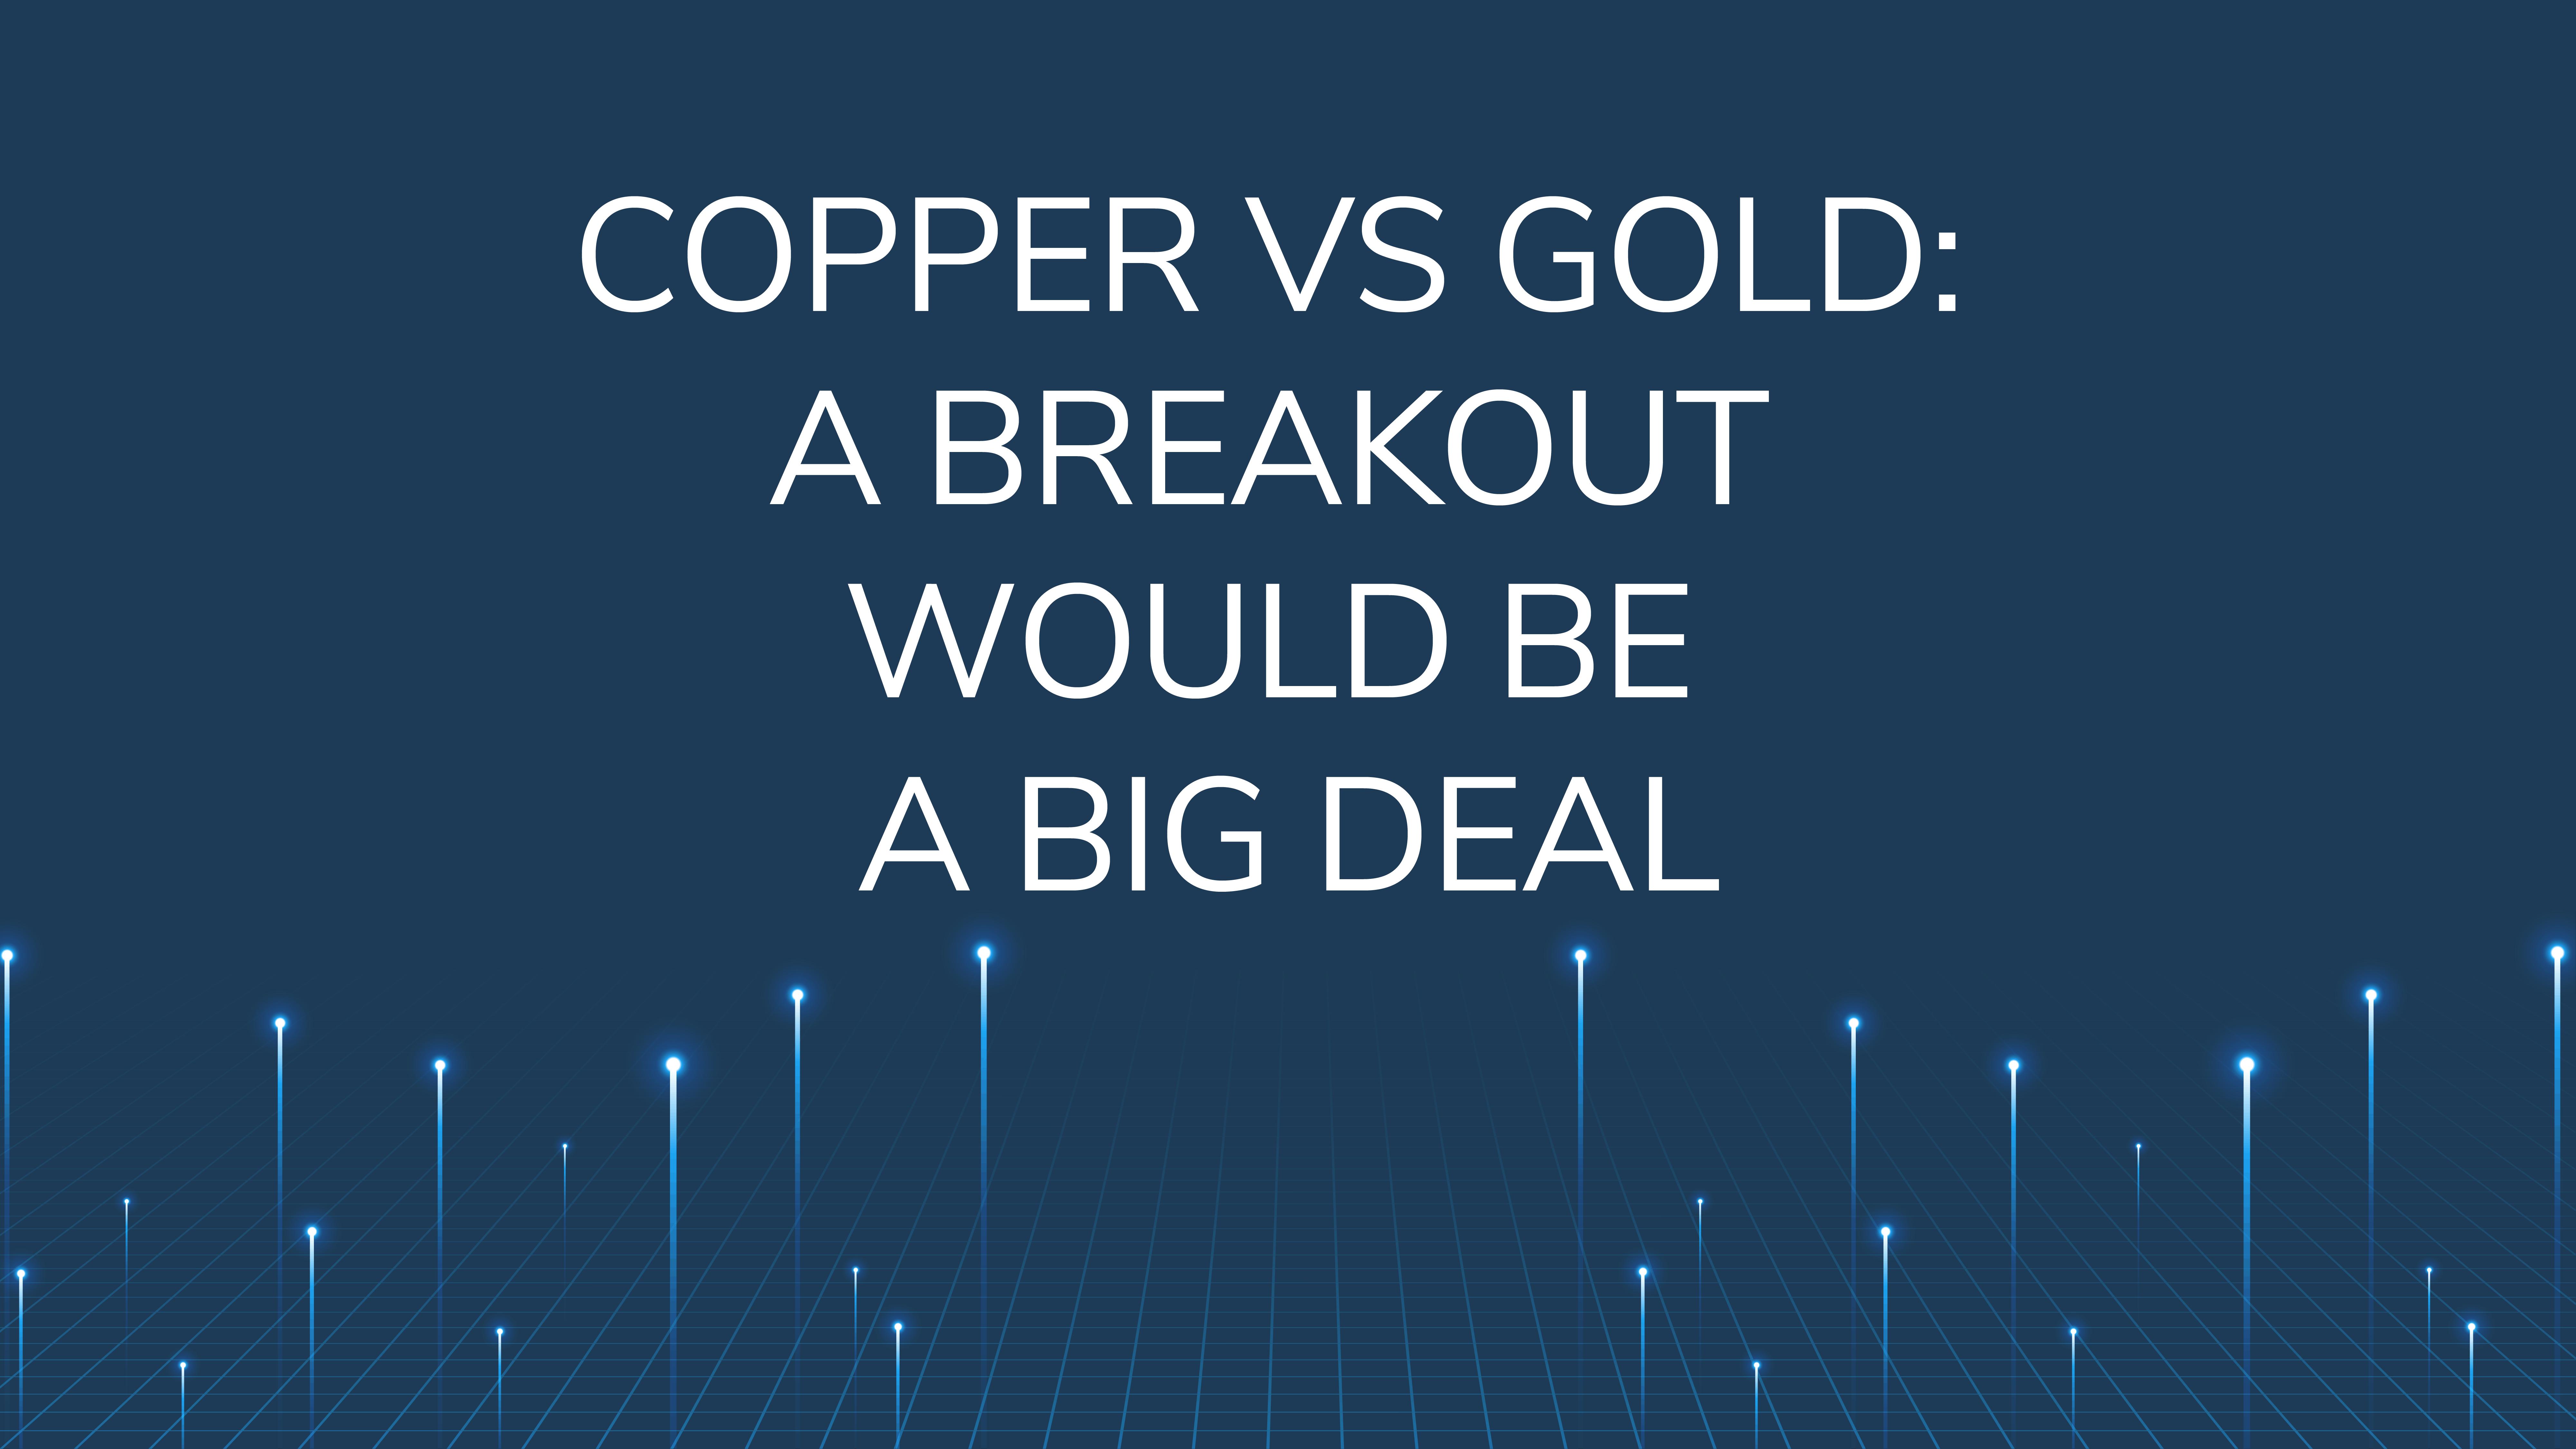 Copper vs Gold:  A Breakout Would be a Big Deal